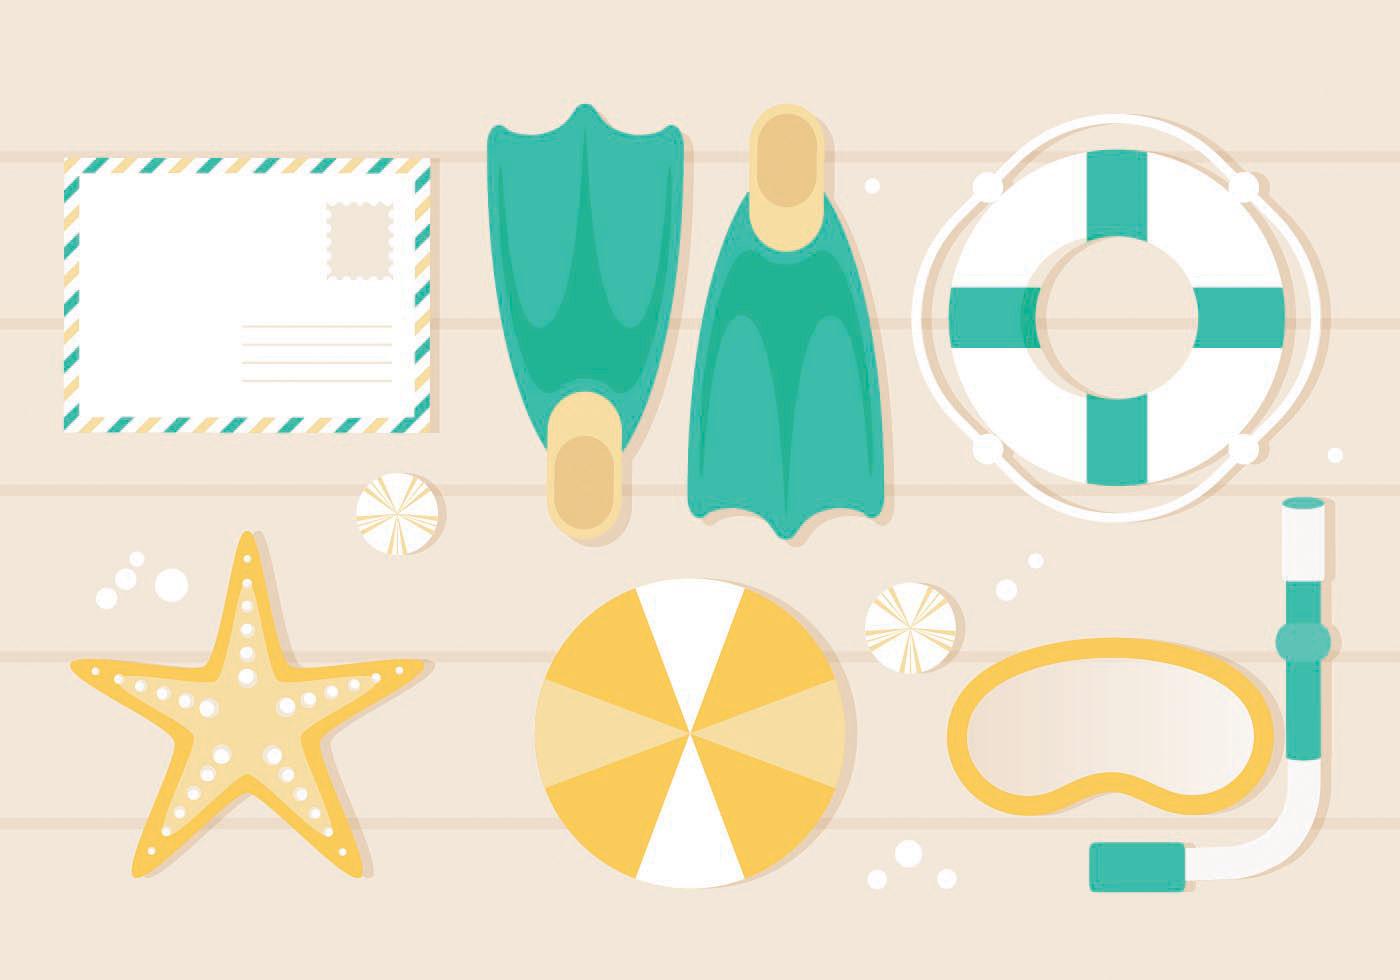 Vector Illustration Web Designs: Free Flat Design Vector Summer Illustration